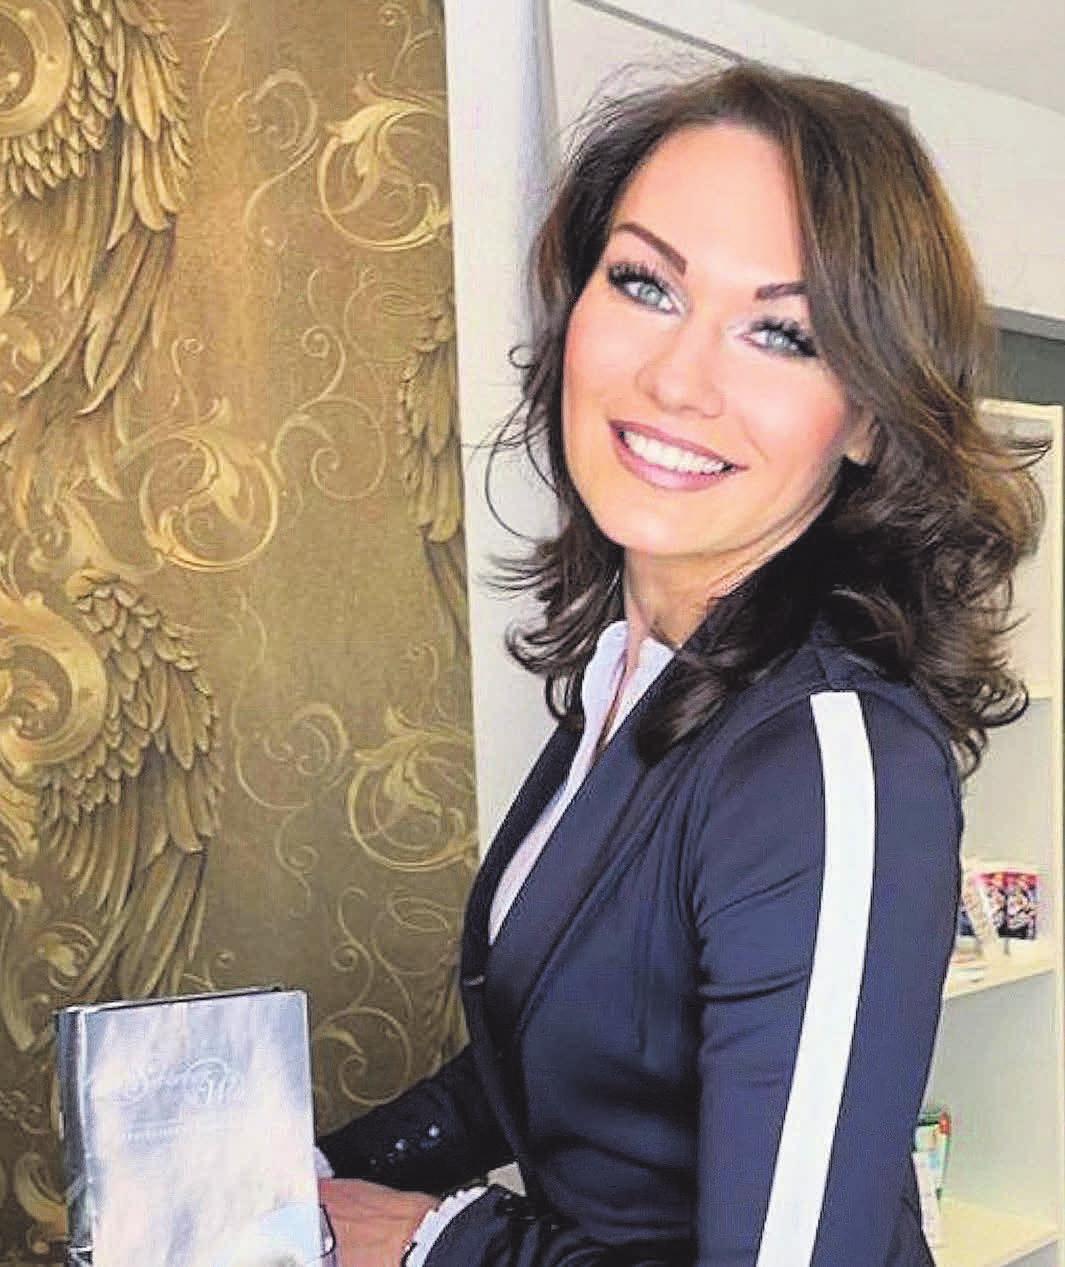 Monika Mroz betreibt seit 2010 das Studio Schönheit & Wellness.